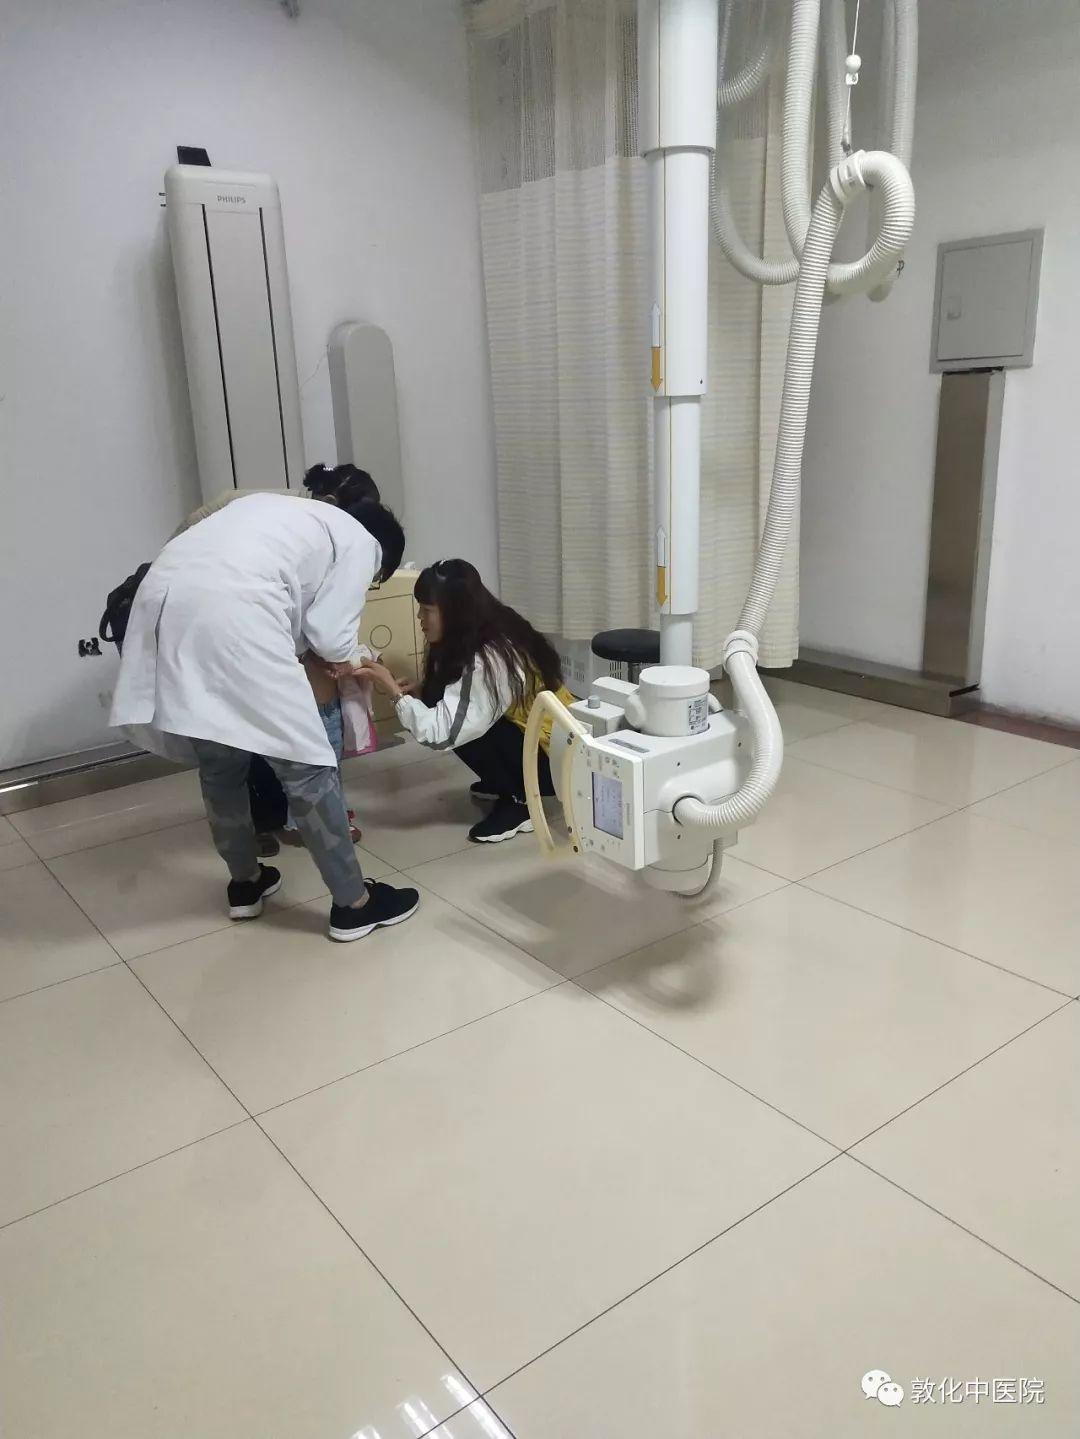 【医患故事】有爱的X光科医生